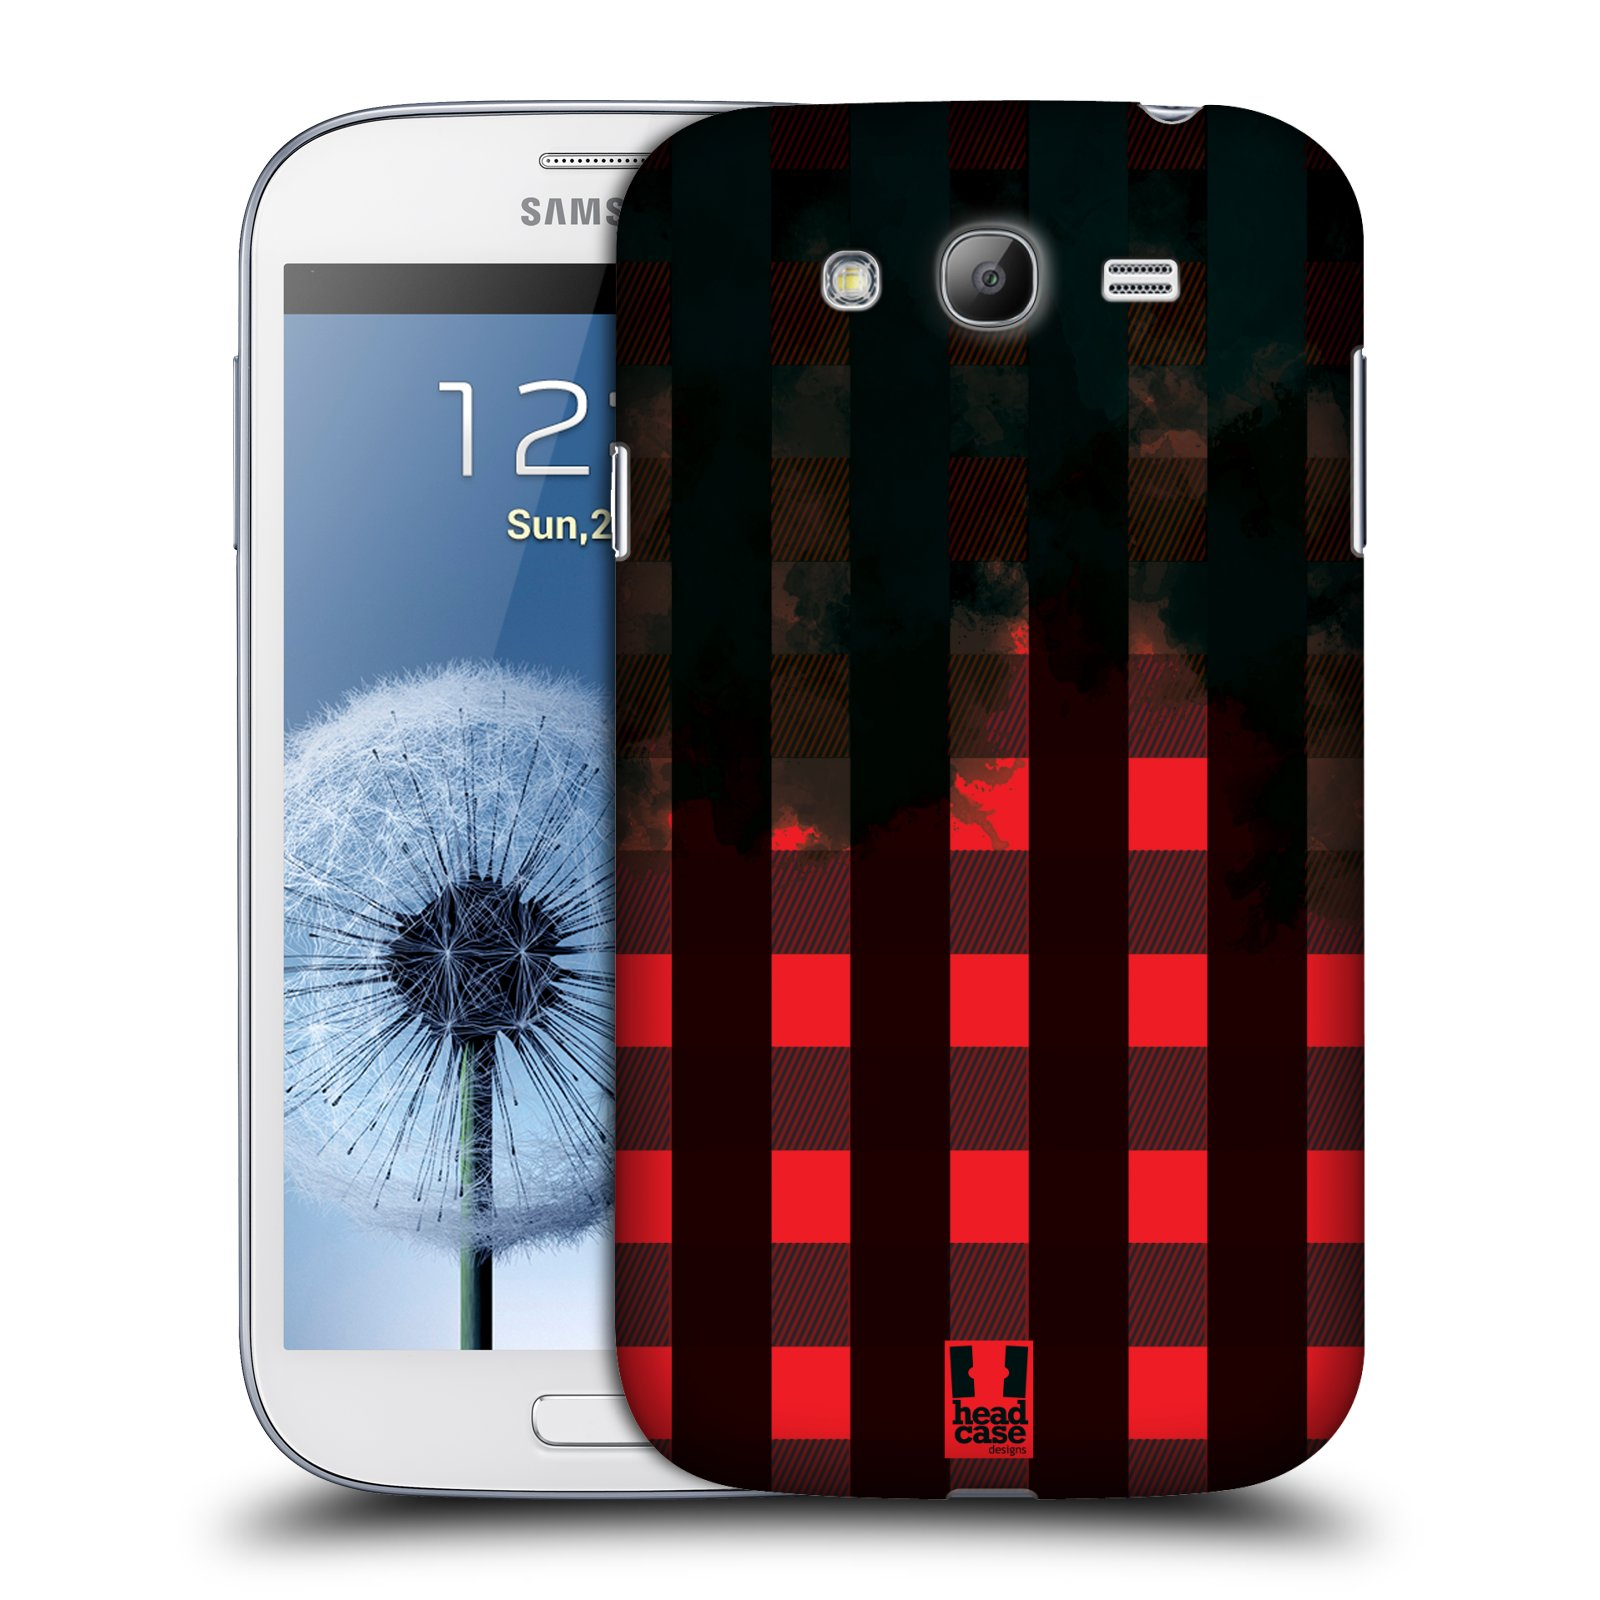 Plastové pouzdro na mobil Samsung Galaxy Grand Neo HEAD CASE FLANEL RED BLACK (Kryt či obal na mobilní telefon Samsung Galaxy Grand Neo GT-i9060)